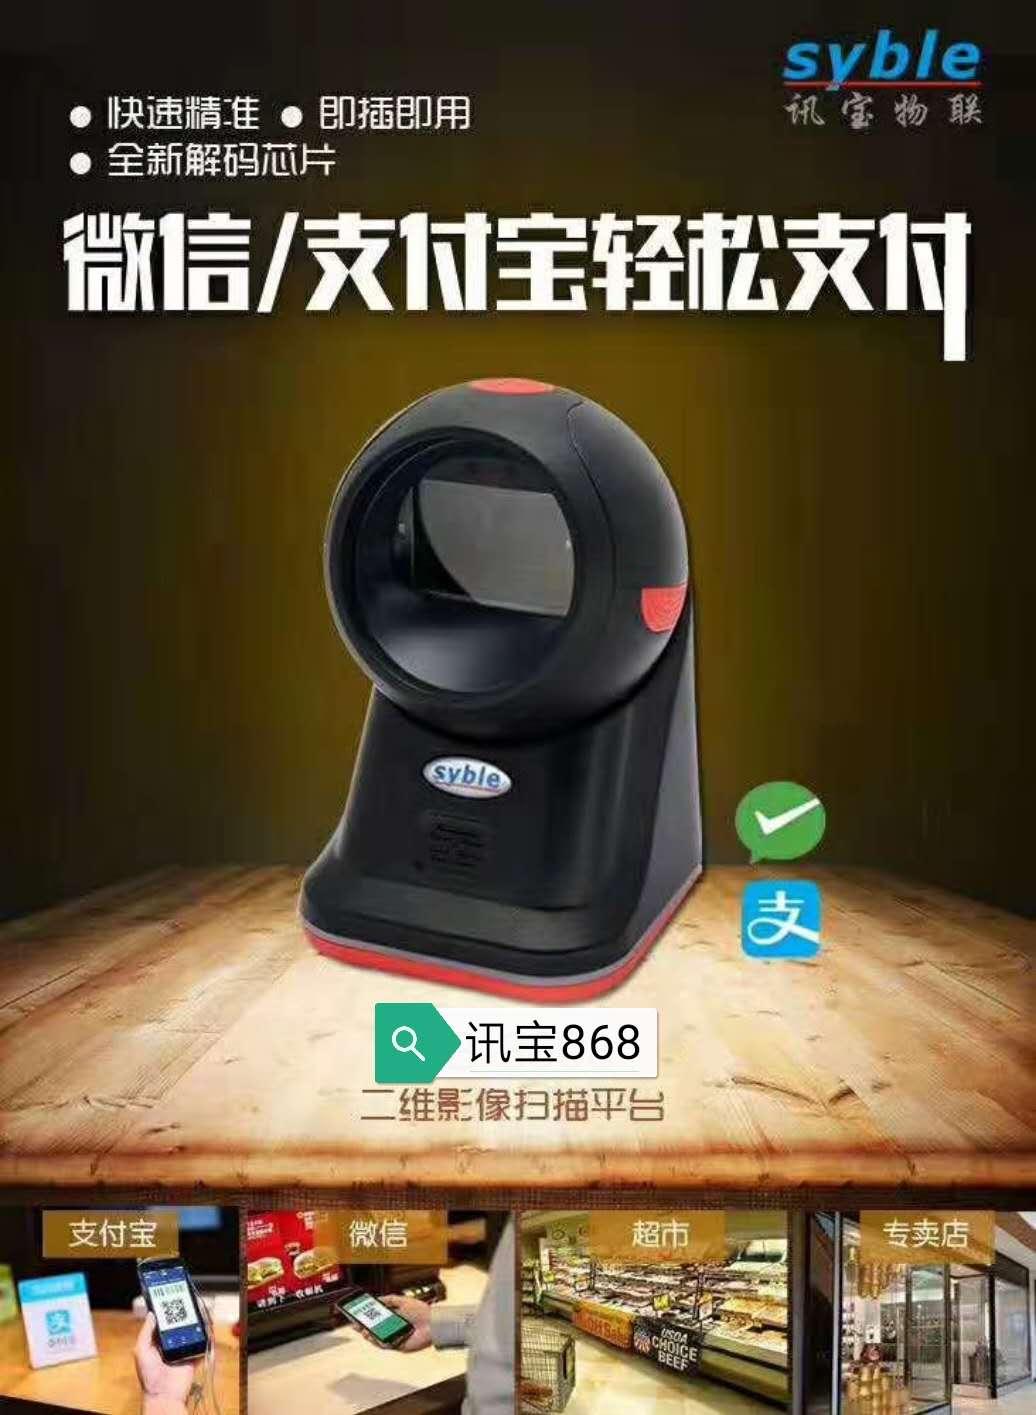 讯宝868二维扫描平台扫描一维二维码